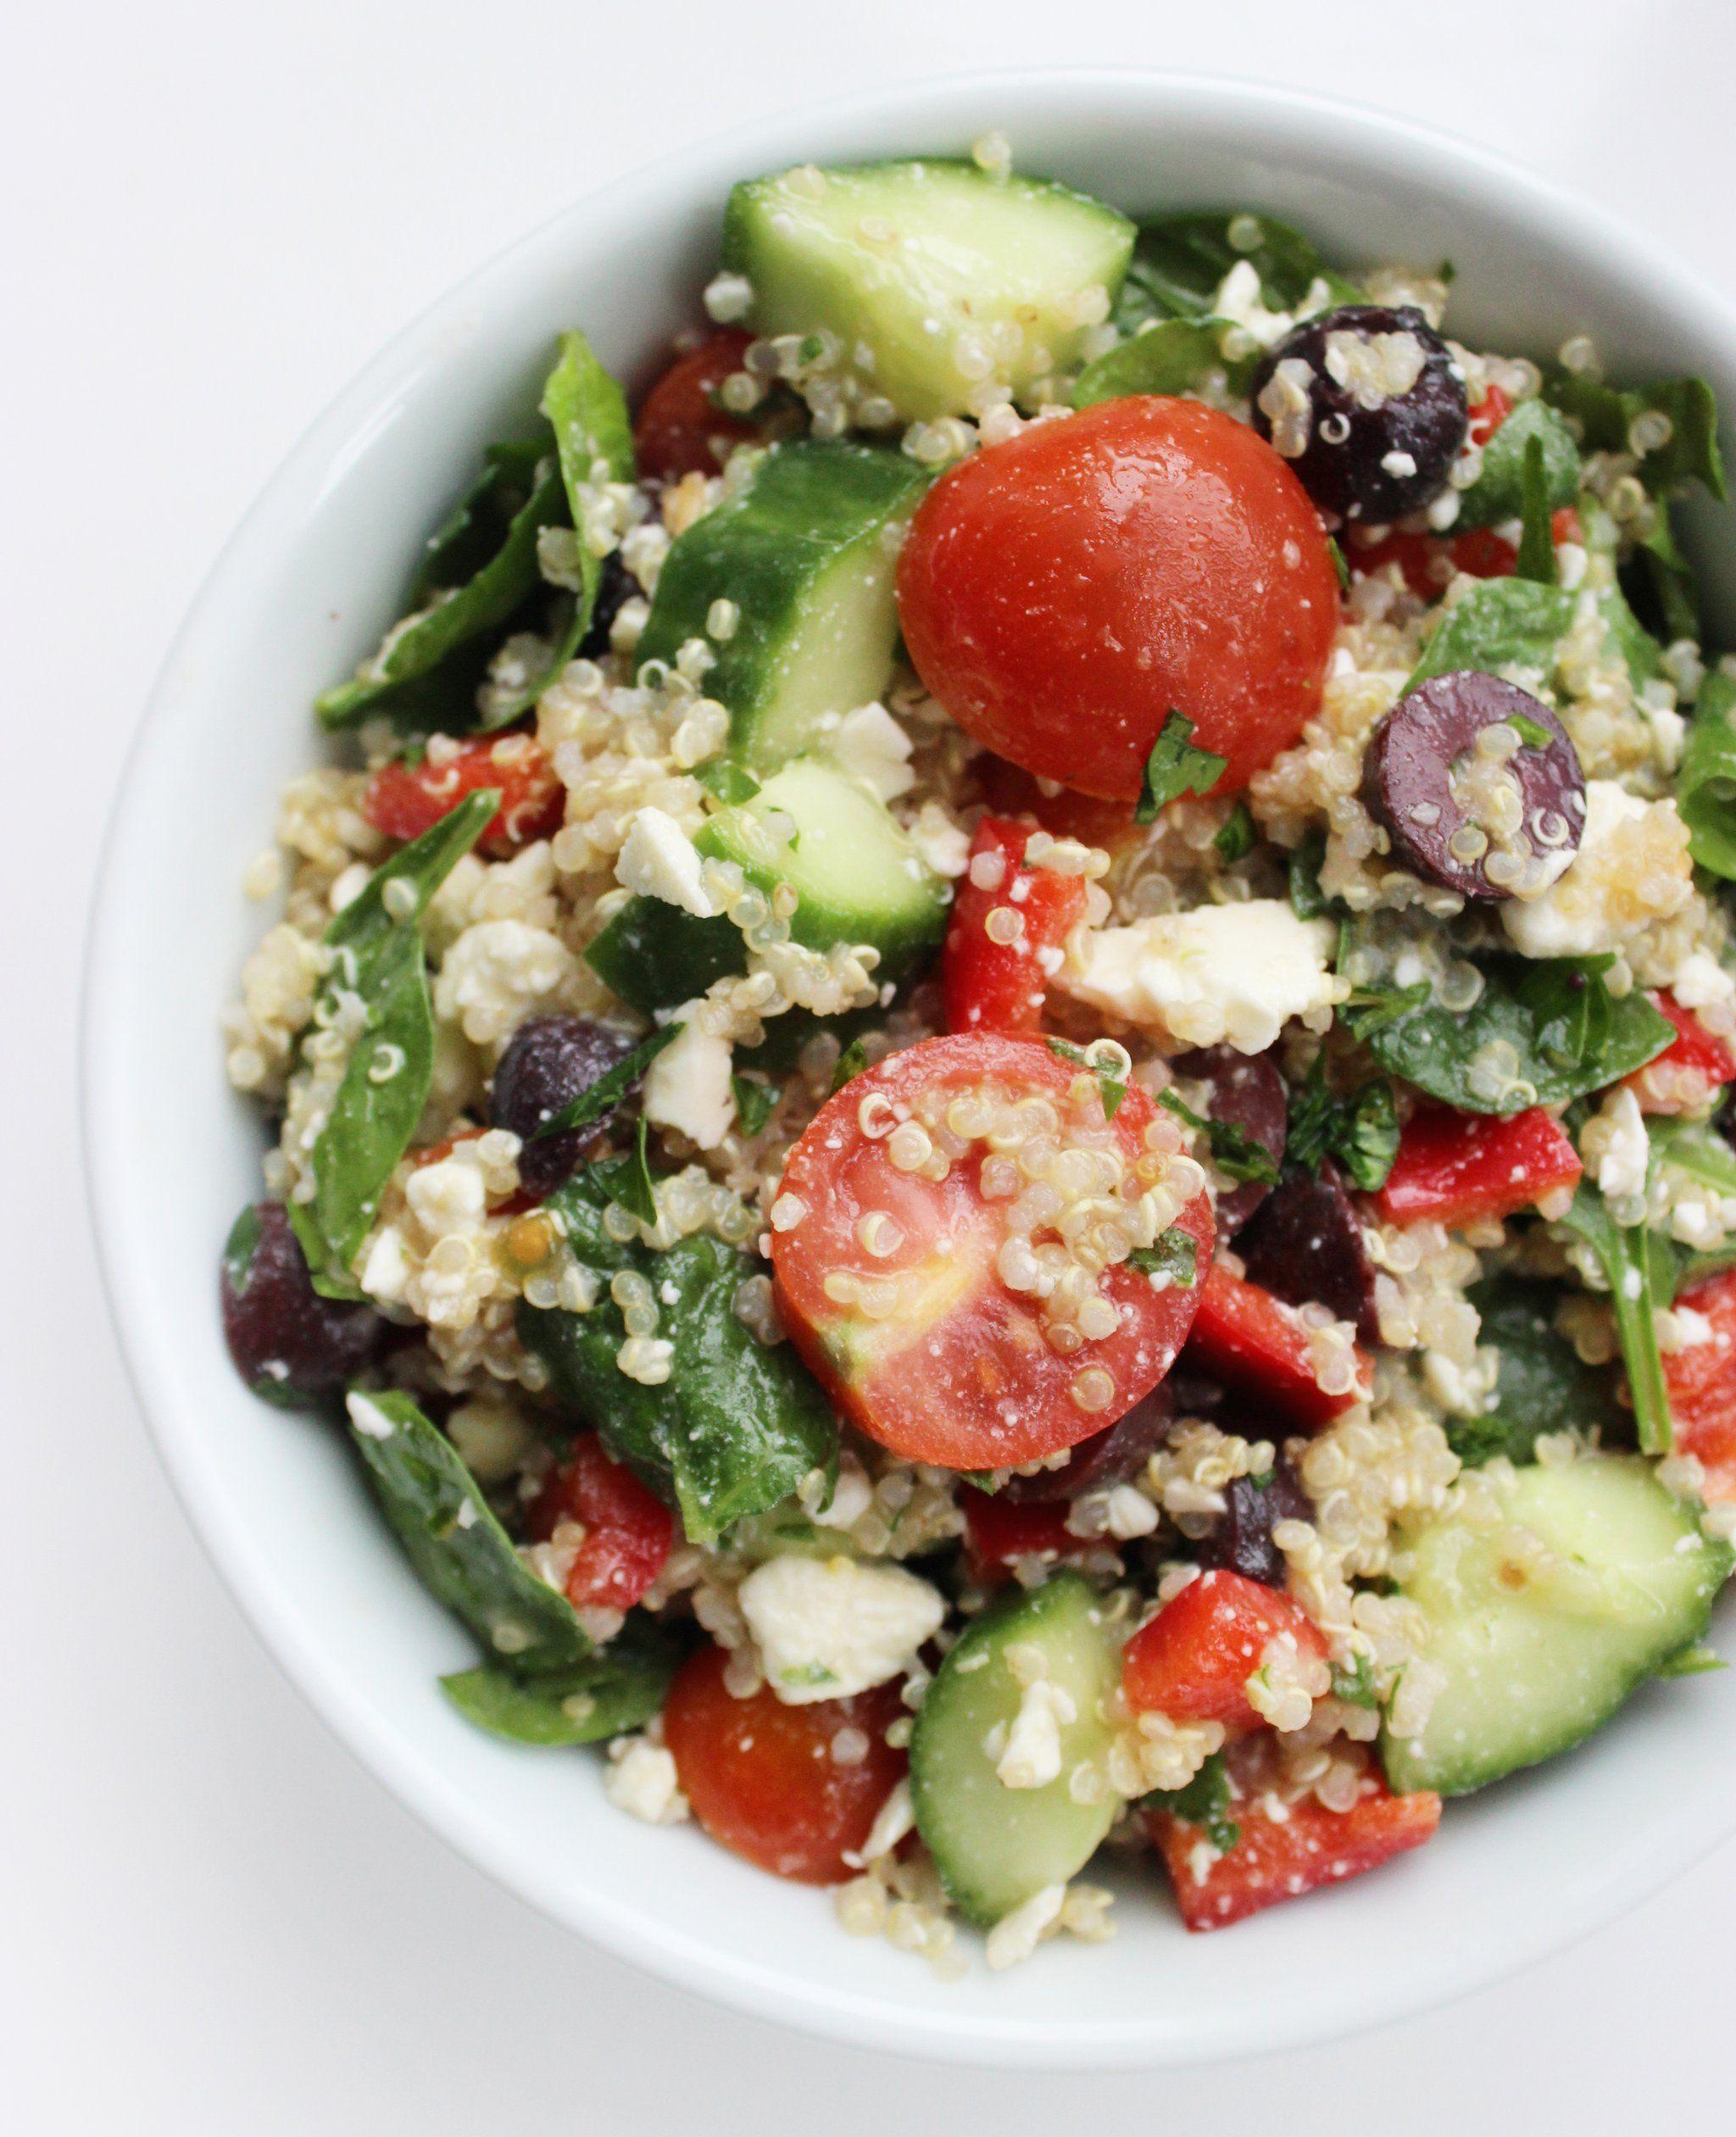 A Vegetarian Quinoa Salad With Over 15 Grams Of Protein Recipe Vegetarian Quinoa Salad Healthy Lunch Vegetarian Quinoa